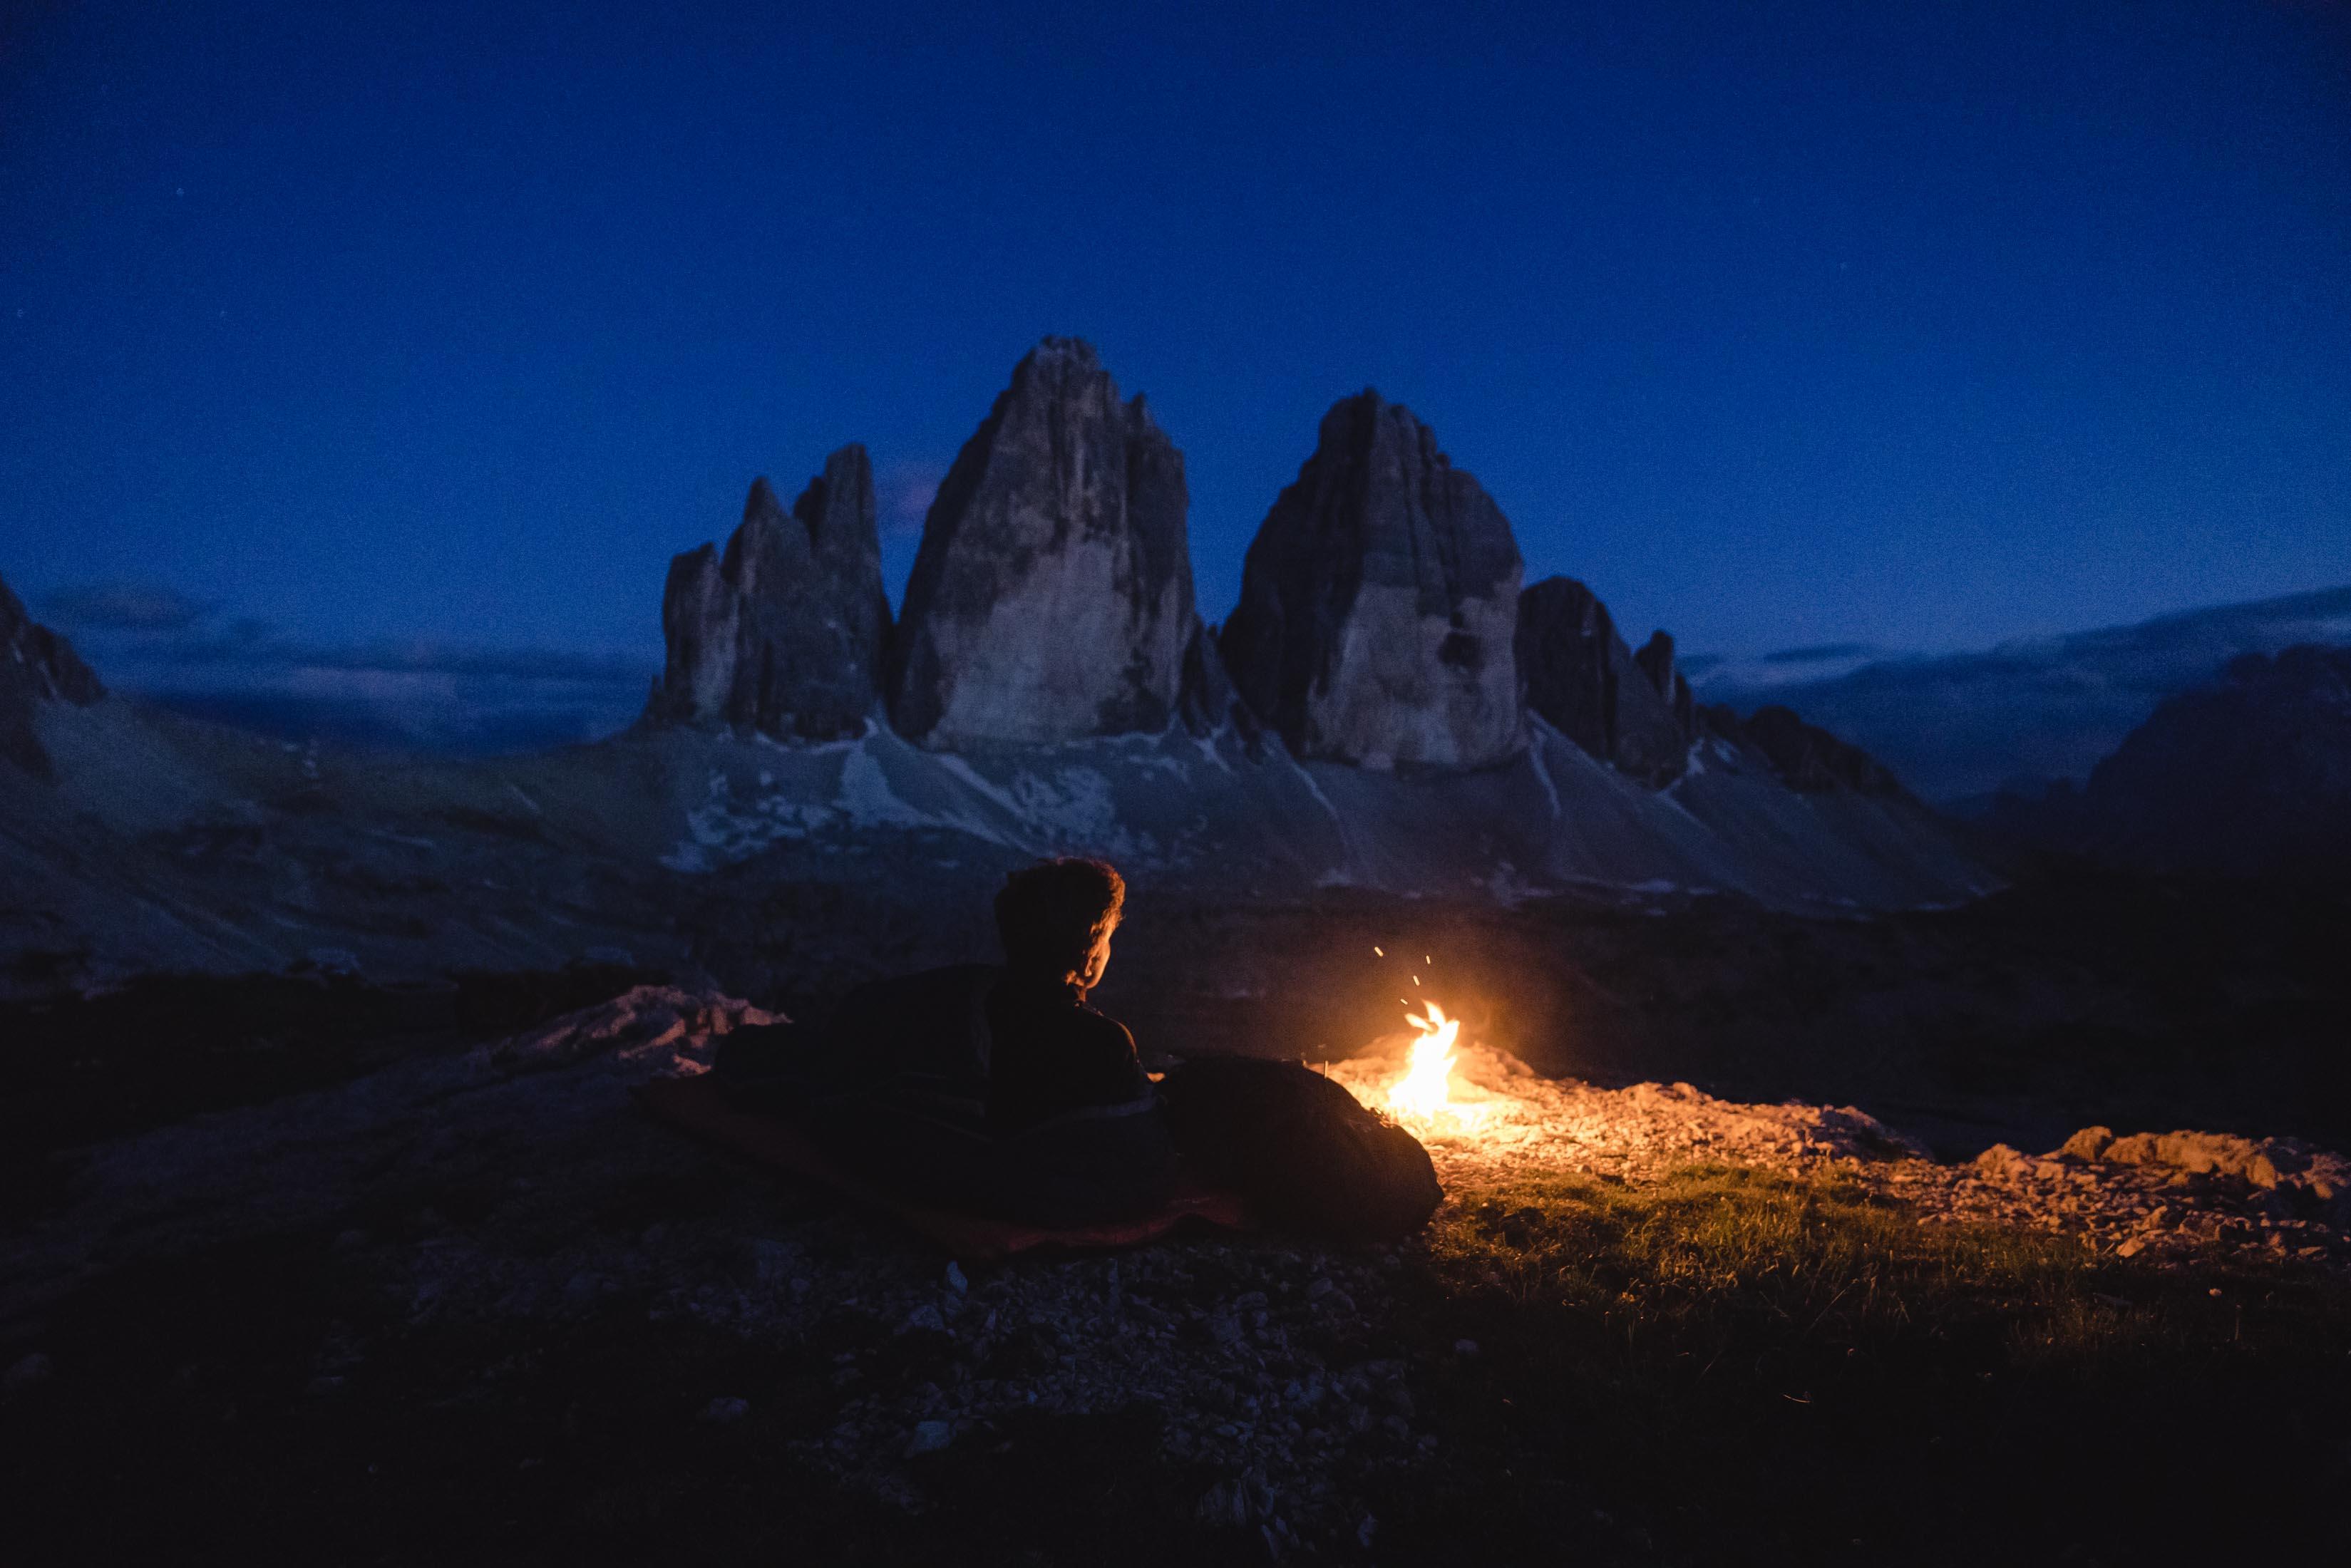 Ein Lagerfeuer vor den Drei Zinnen bei Nacht.